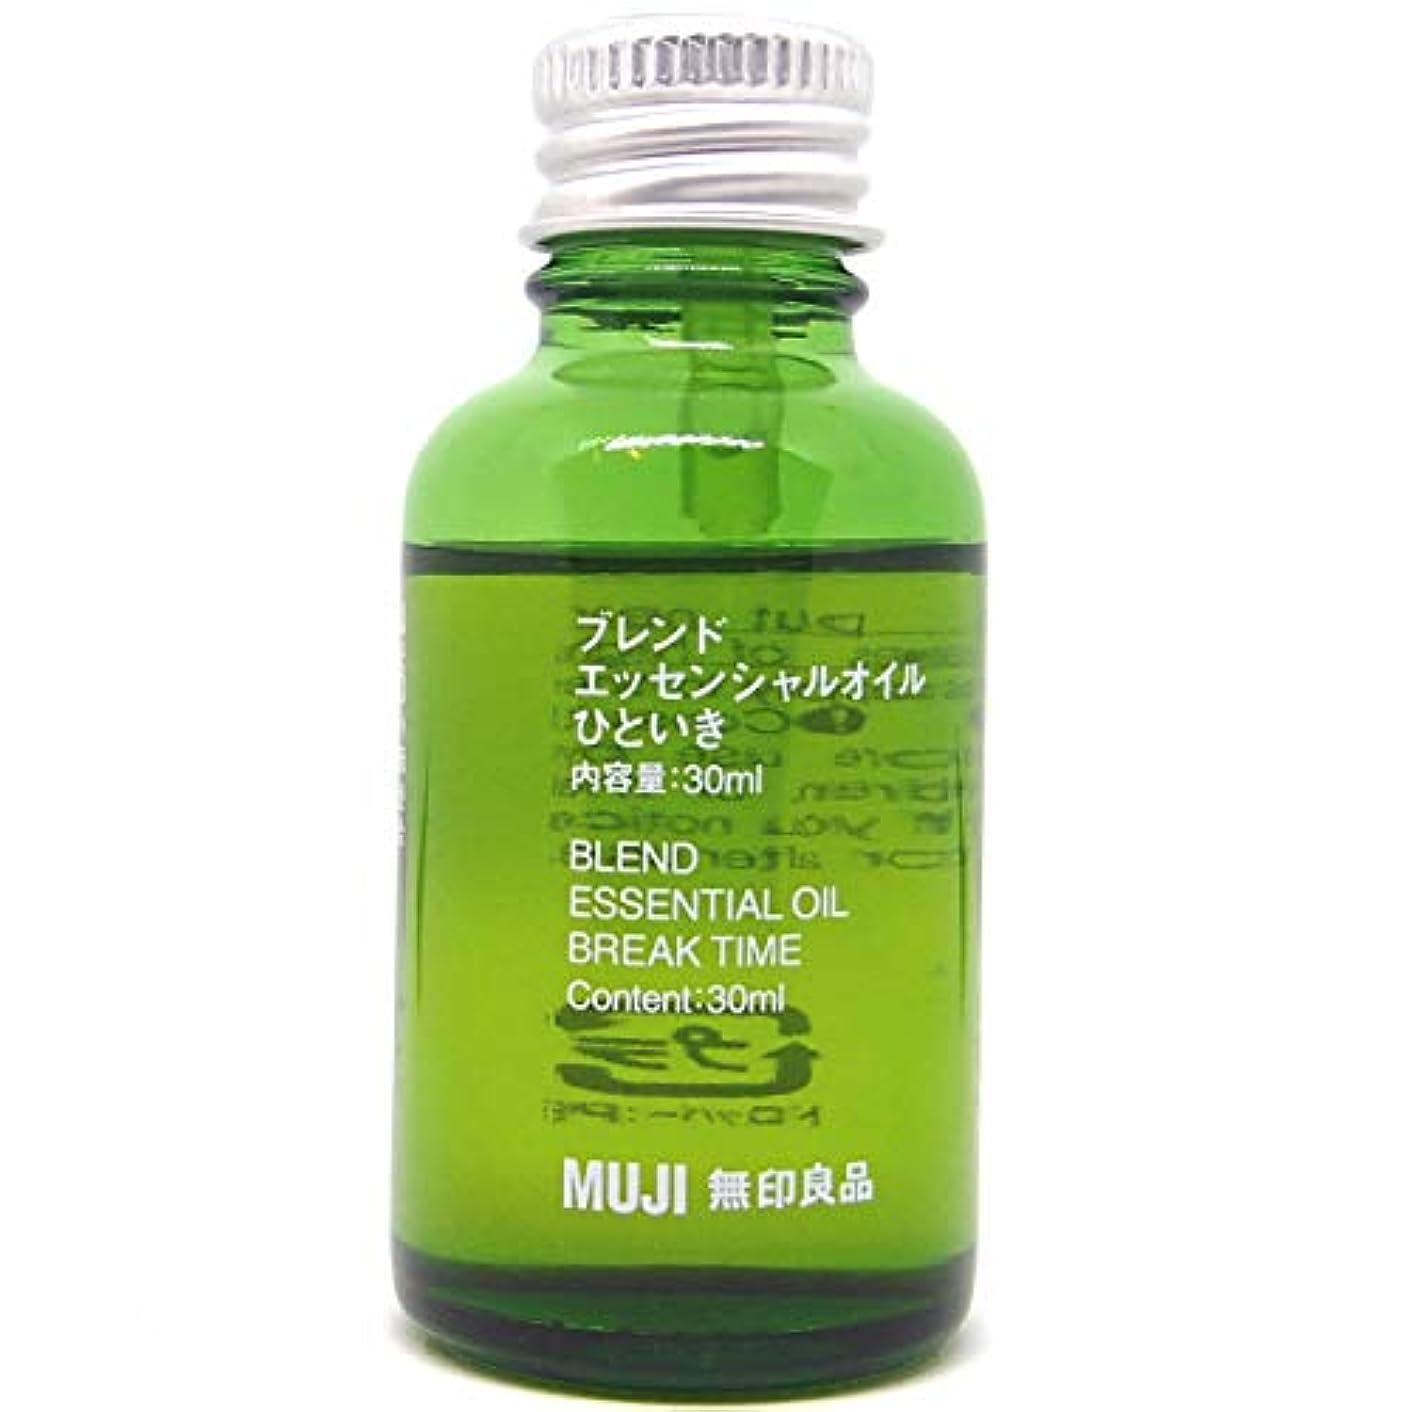 ずるいグリース袋【無印良品】エッセンシャルオイル30ml(ひといき)